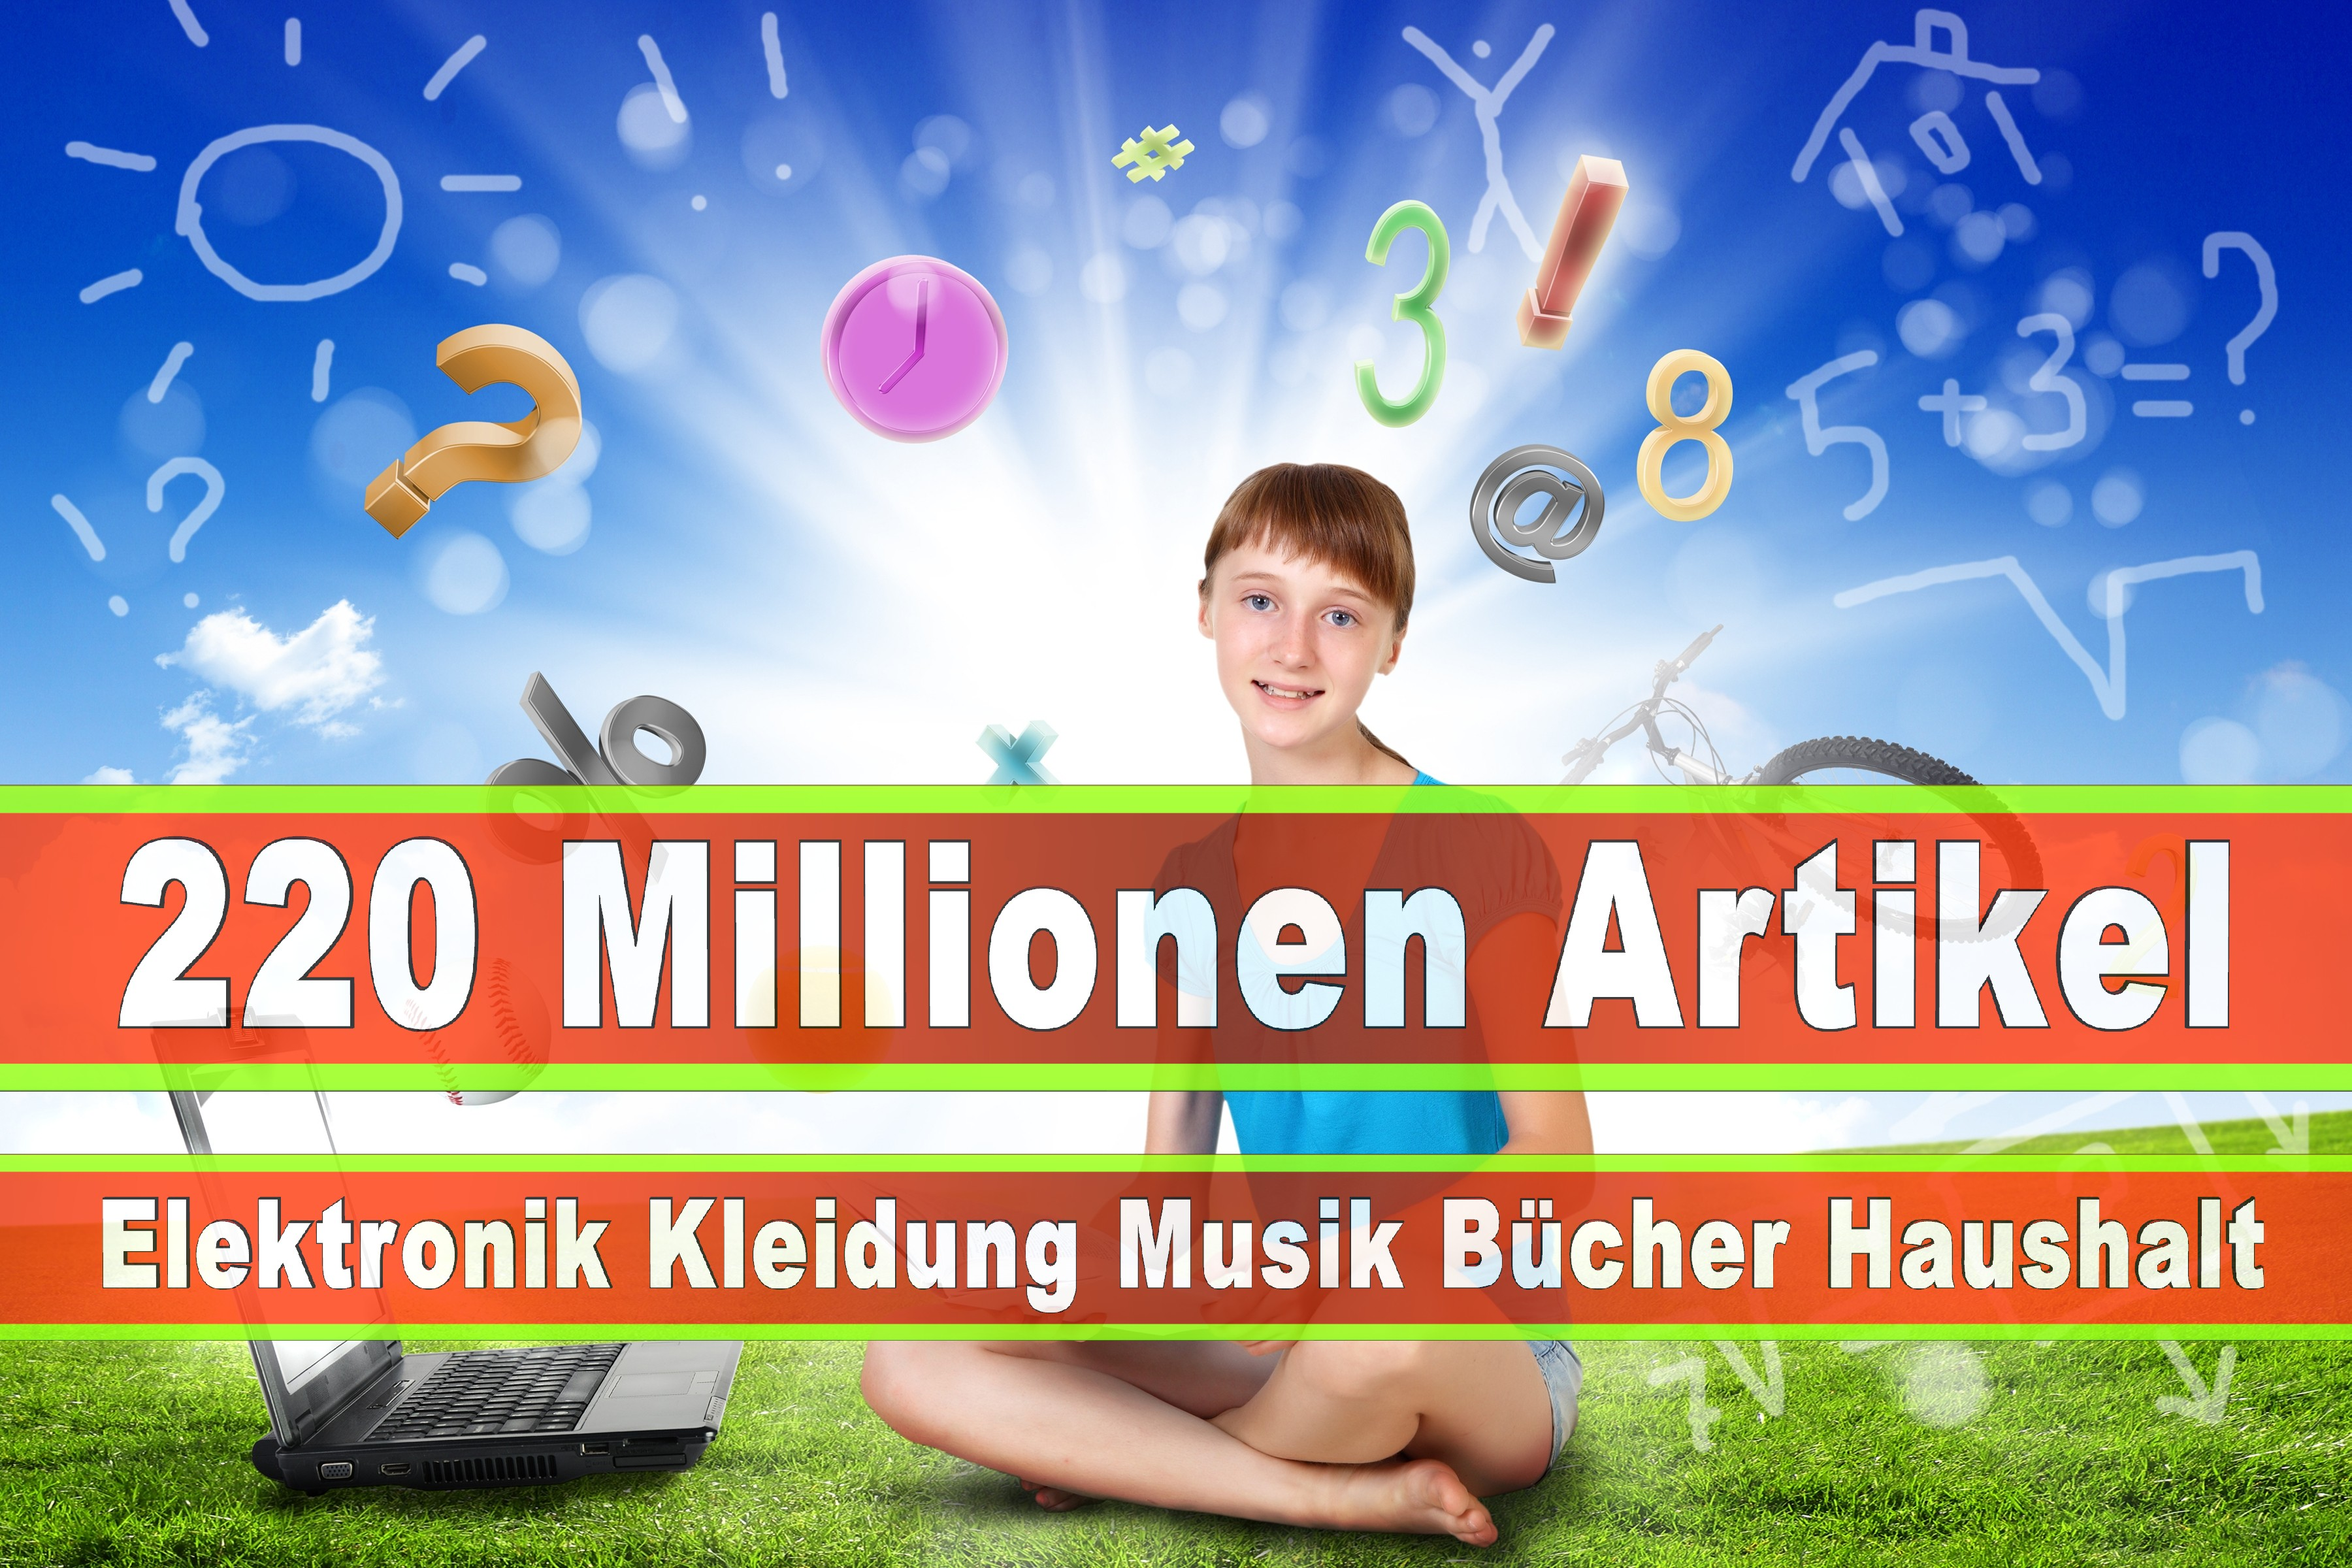 Amazon Elektronik Musik Haushalt Bücher CD DVD Handys Smartphones TV Television Fernseher Kleidung Mode Ebay Versandhaus (201)